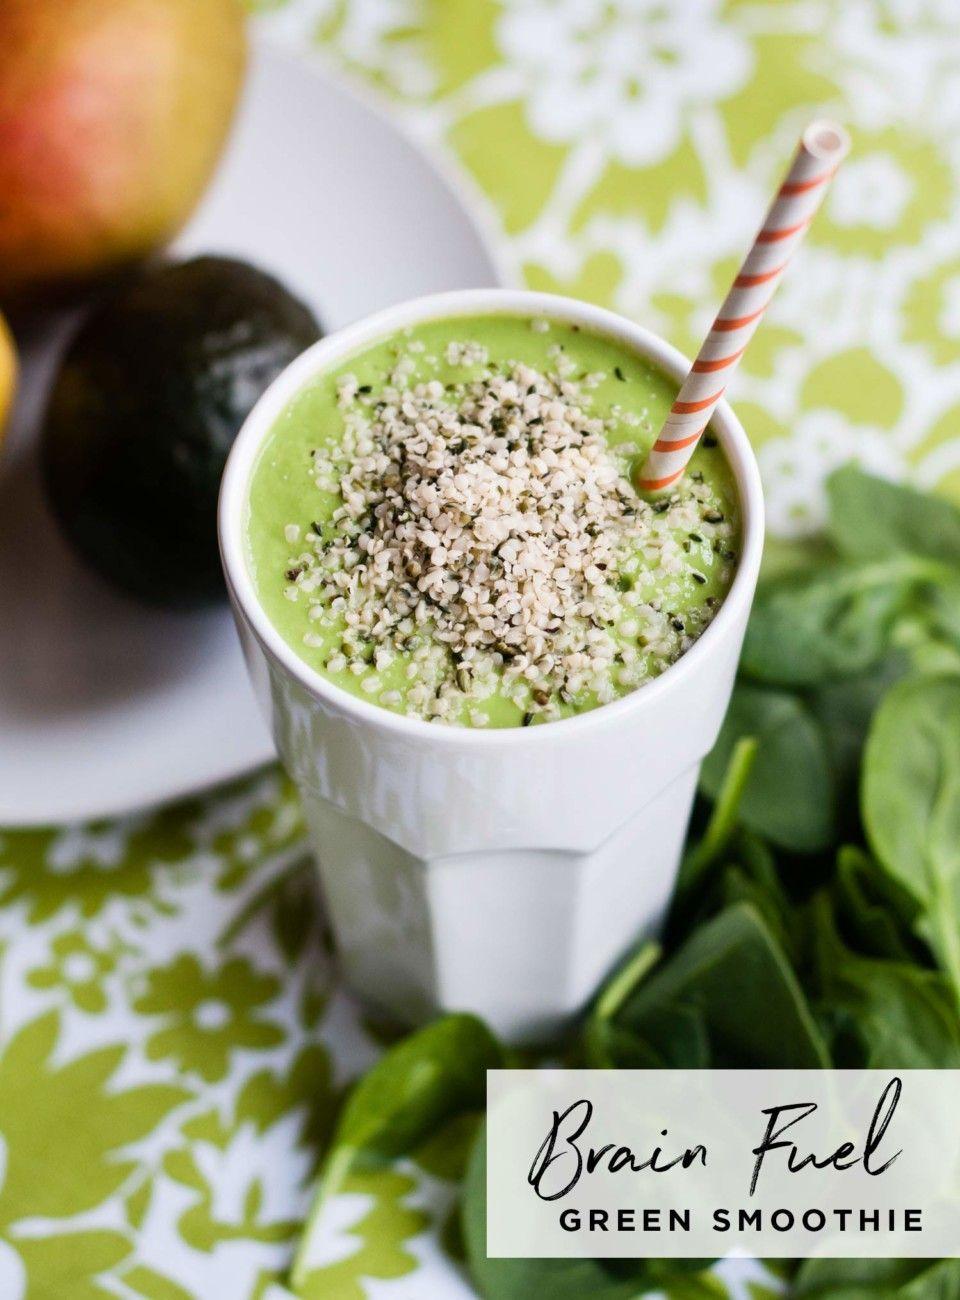 avocado smoothie recipes salad smoothie toast farci noyau recette salade